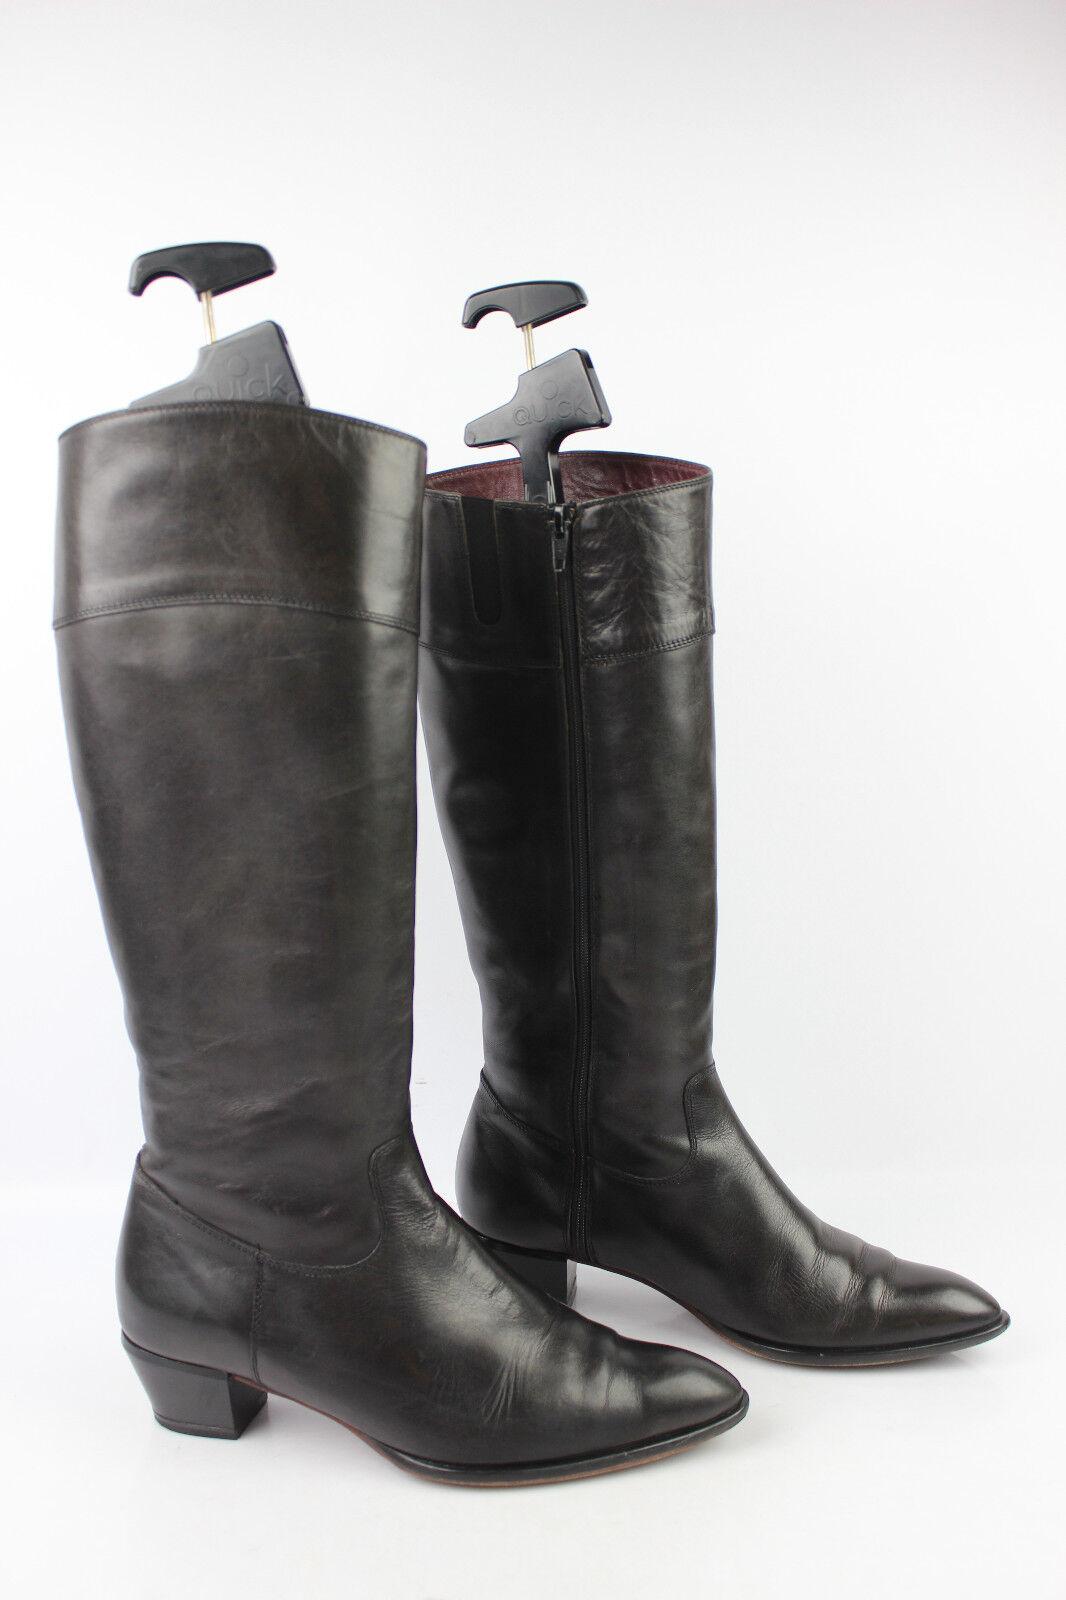 vintage Stiefel caparrini Florenz Vollleder schwarz t 37,5 sehr guter Zustand